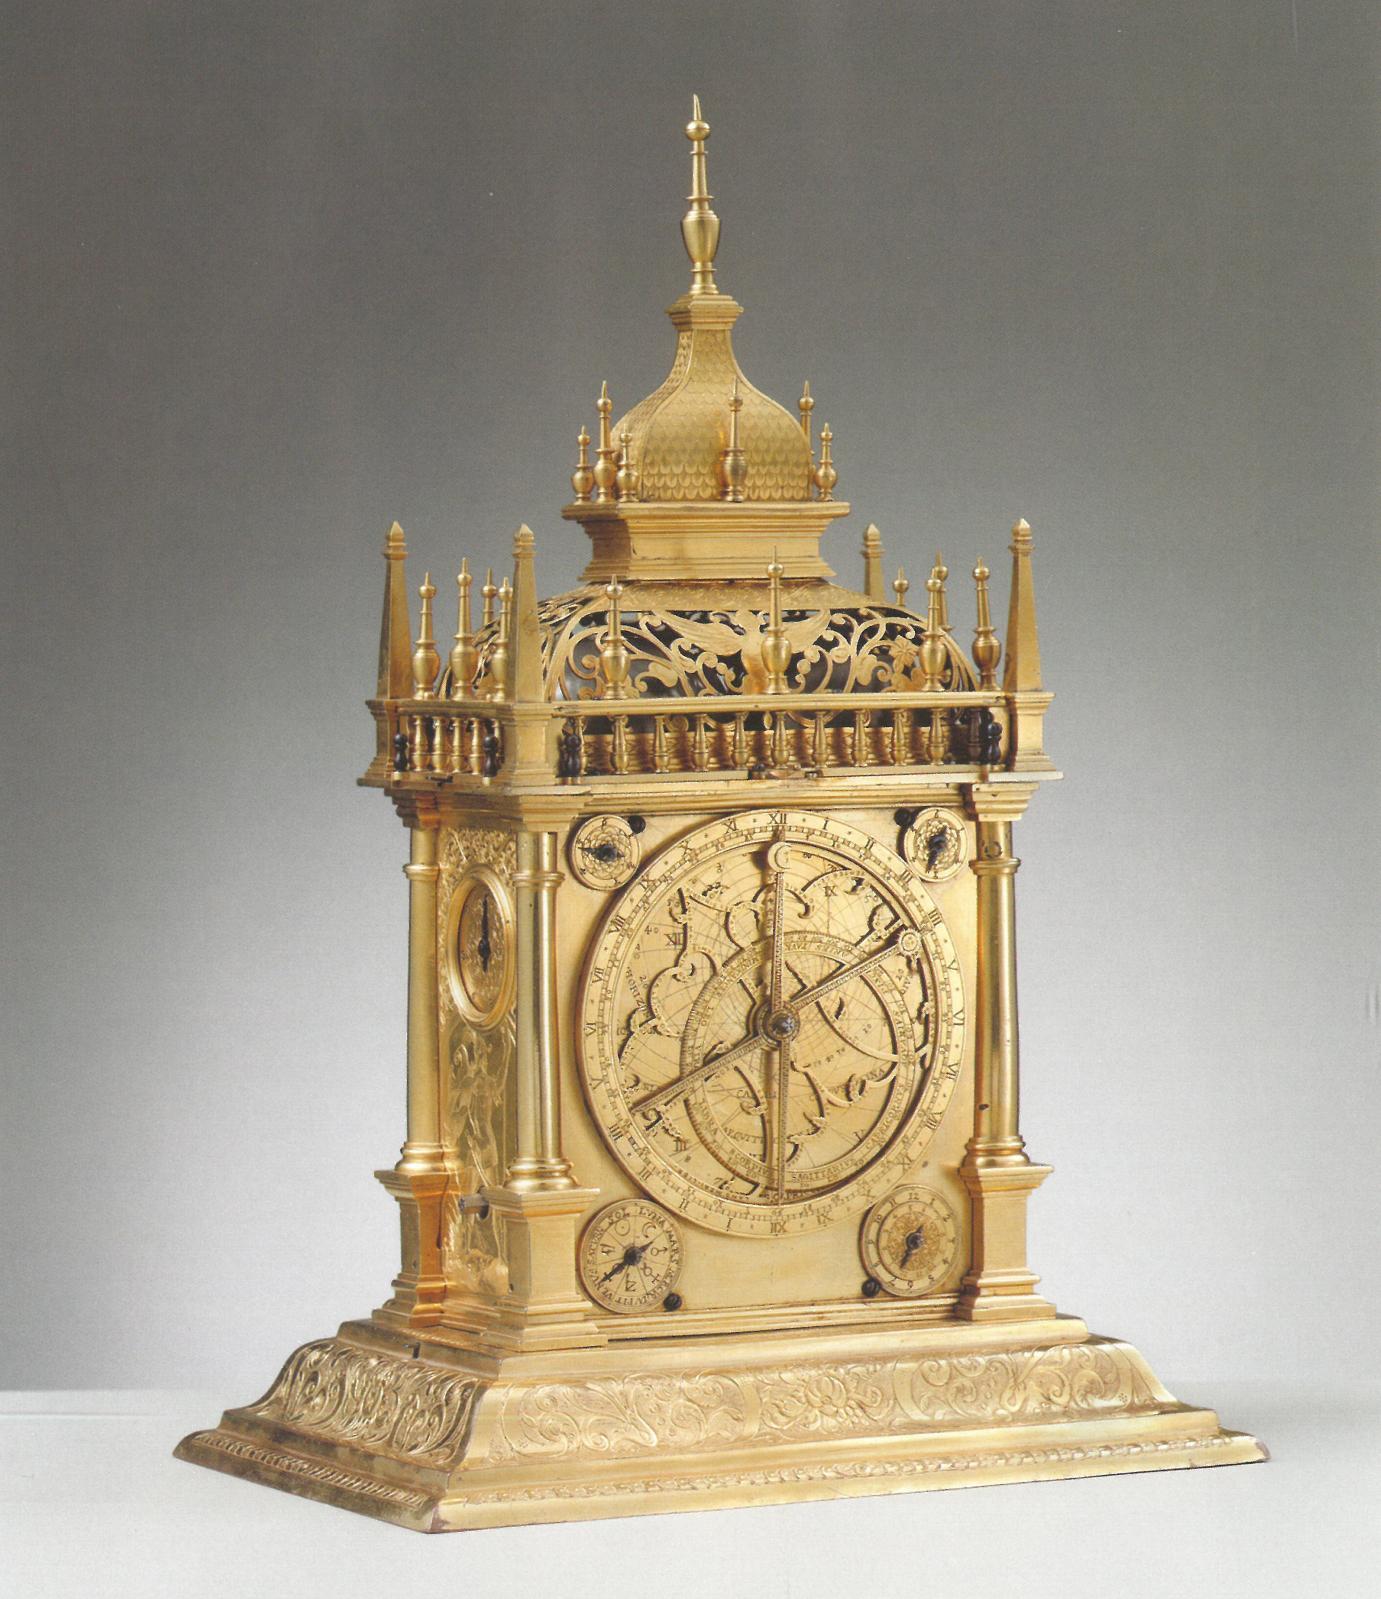 Allemagne du Sud, horloge astronomique à quatre faces dont un astrolabe, vers 1610, laiton et bronze doré, 34,5 x 22,5 x 16,5 cm, collection privée.